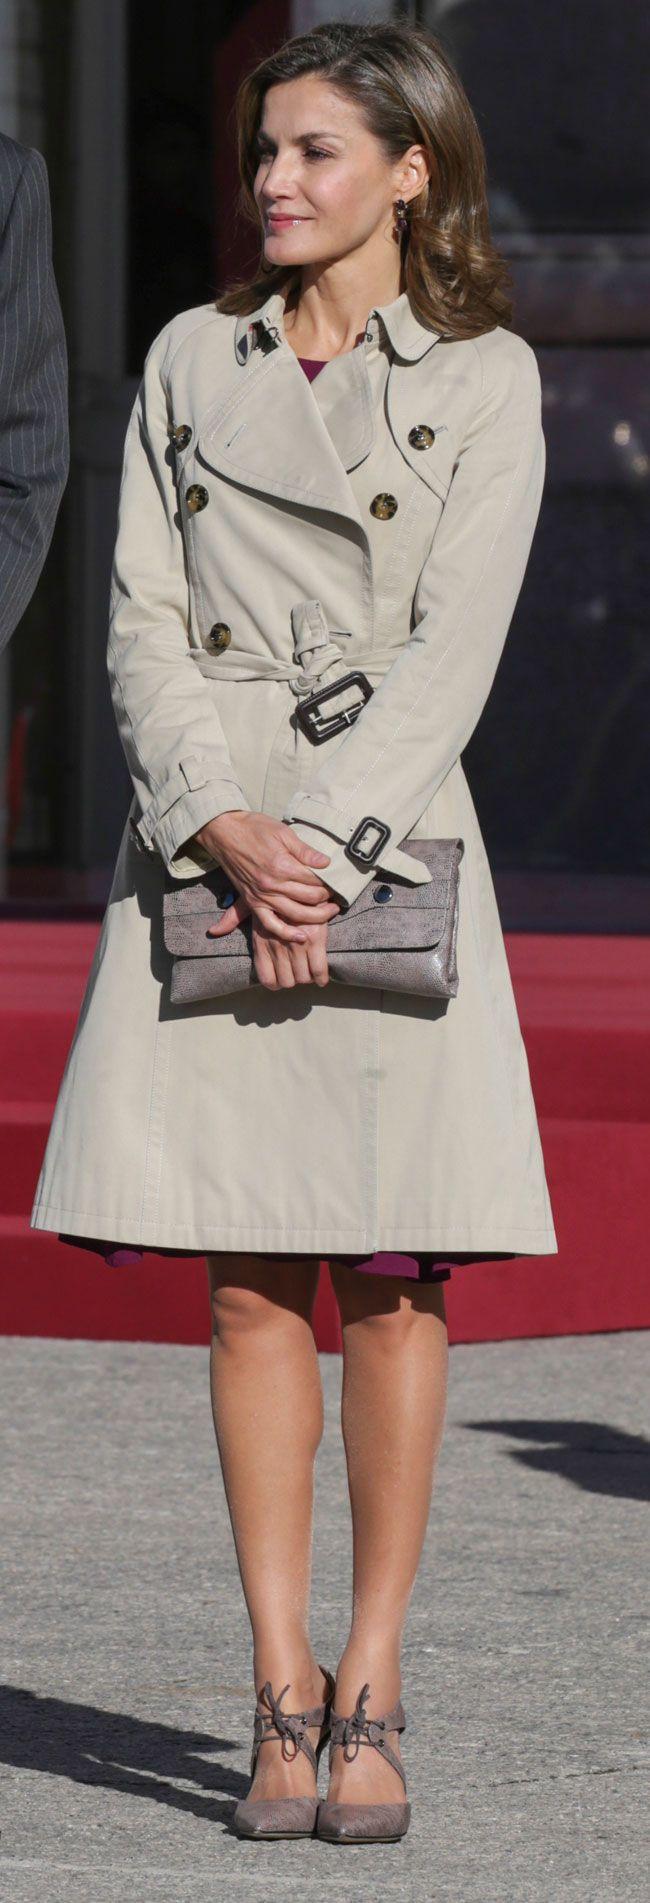 Los Reyes han recibido en el Palacio Real al presidente de Israel y su esposa. Letizia ha escogido un sobrio conjunto con trench y un nuevo vestido burdeos.